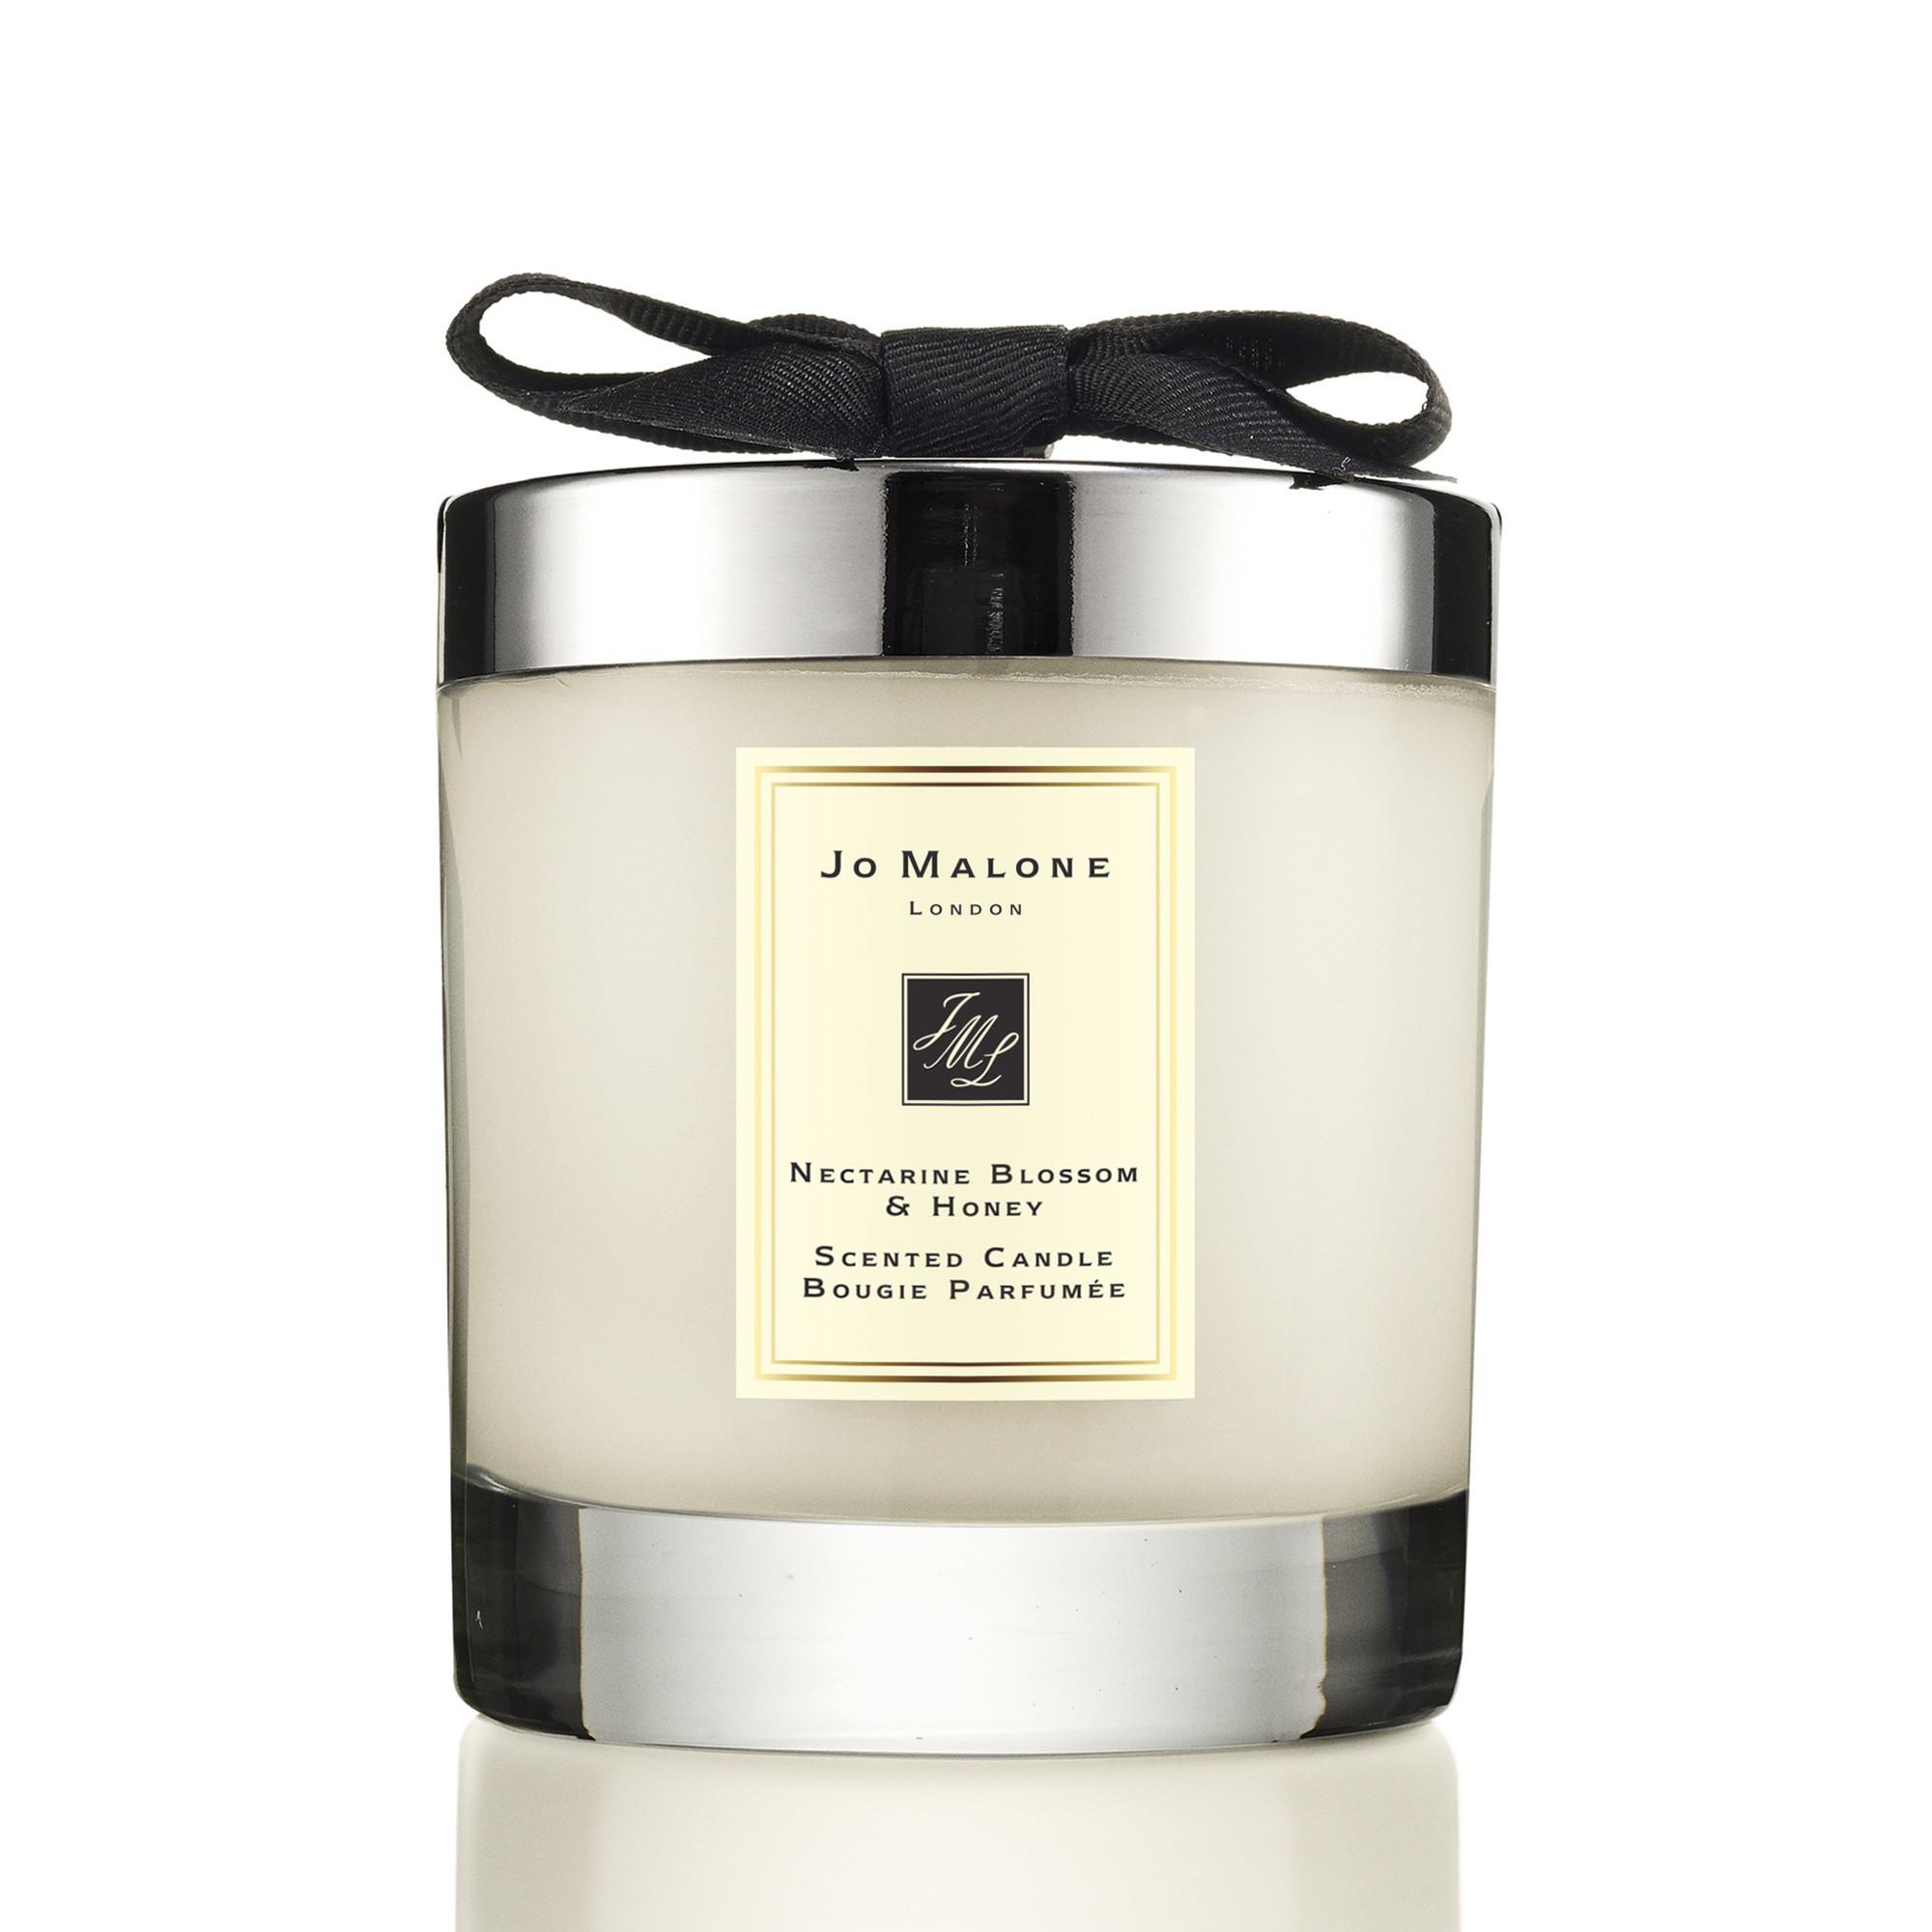 Jo Malone London nectarine blossom & honey home candle 200 g, Nero, large image number 0